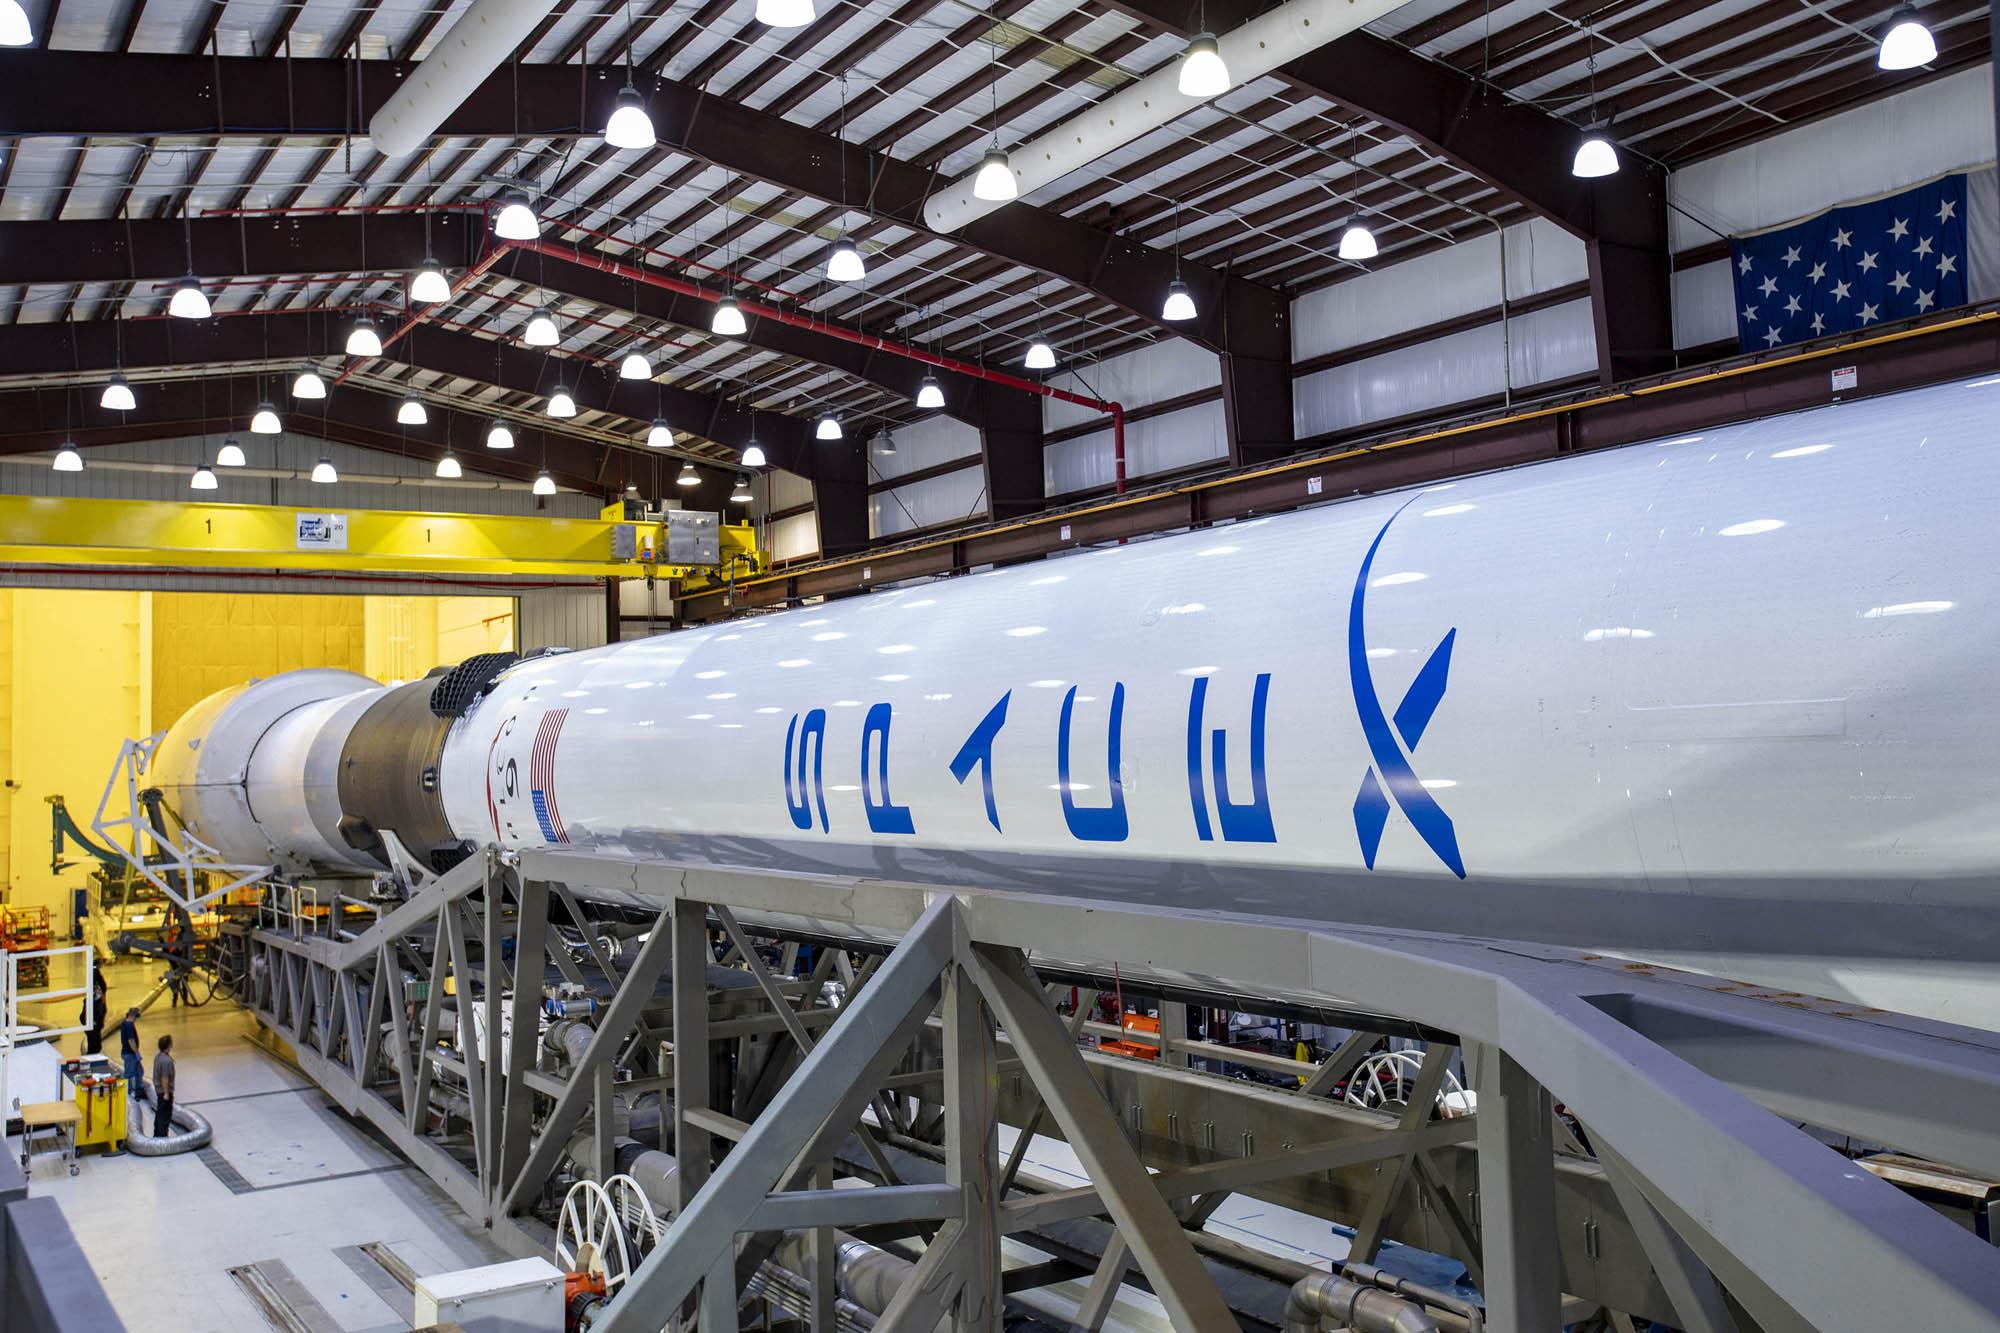 SpaceX lancera 60 satellites Internet Starlink en orbite le 24 mars 2021 à l'aide d'une fusée Falcon 9, vue ici lors des préparatifs d'un lancement de satellite GPS pour l'US Space Force en juin 2020.